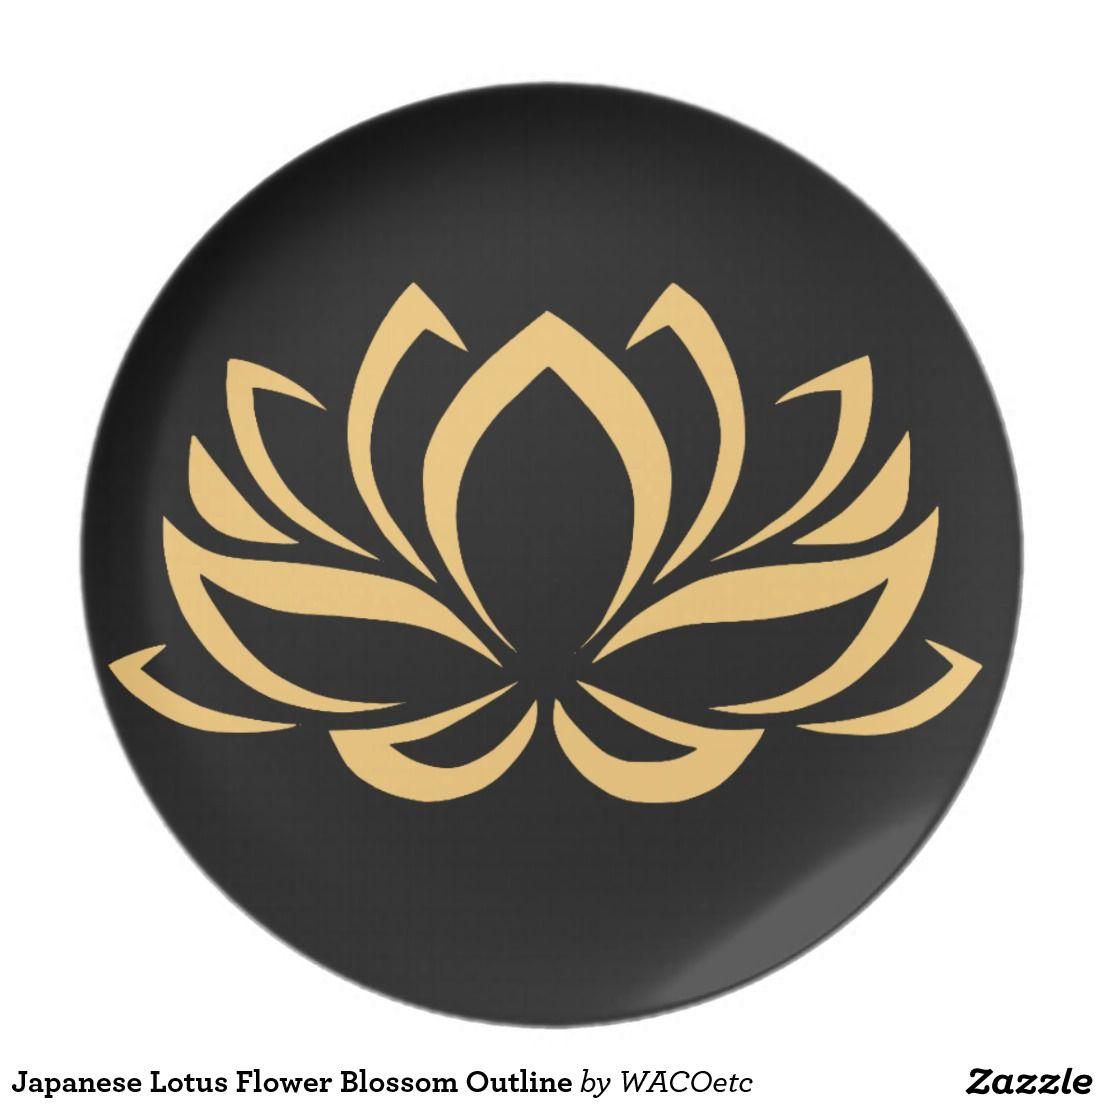 Japanese Lotus Flower Blossom Outline Plate Tattoo Pinterest